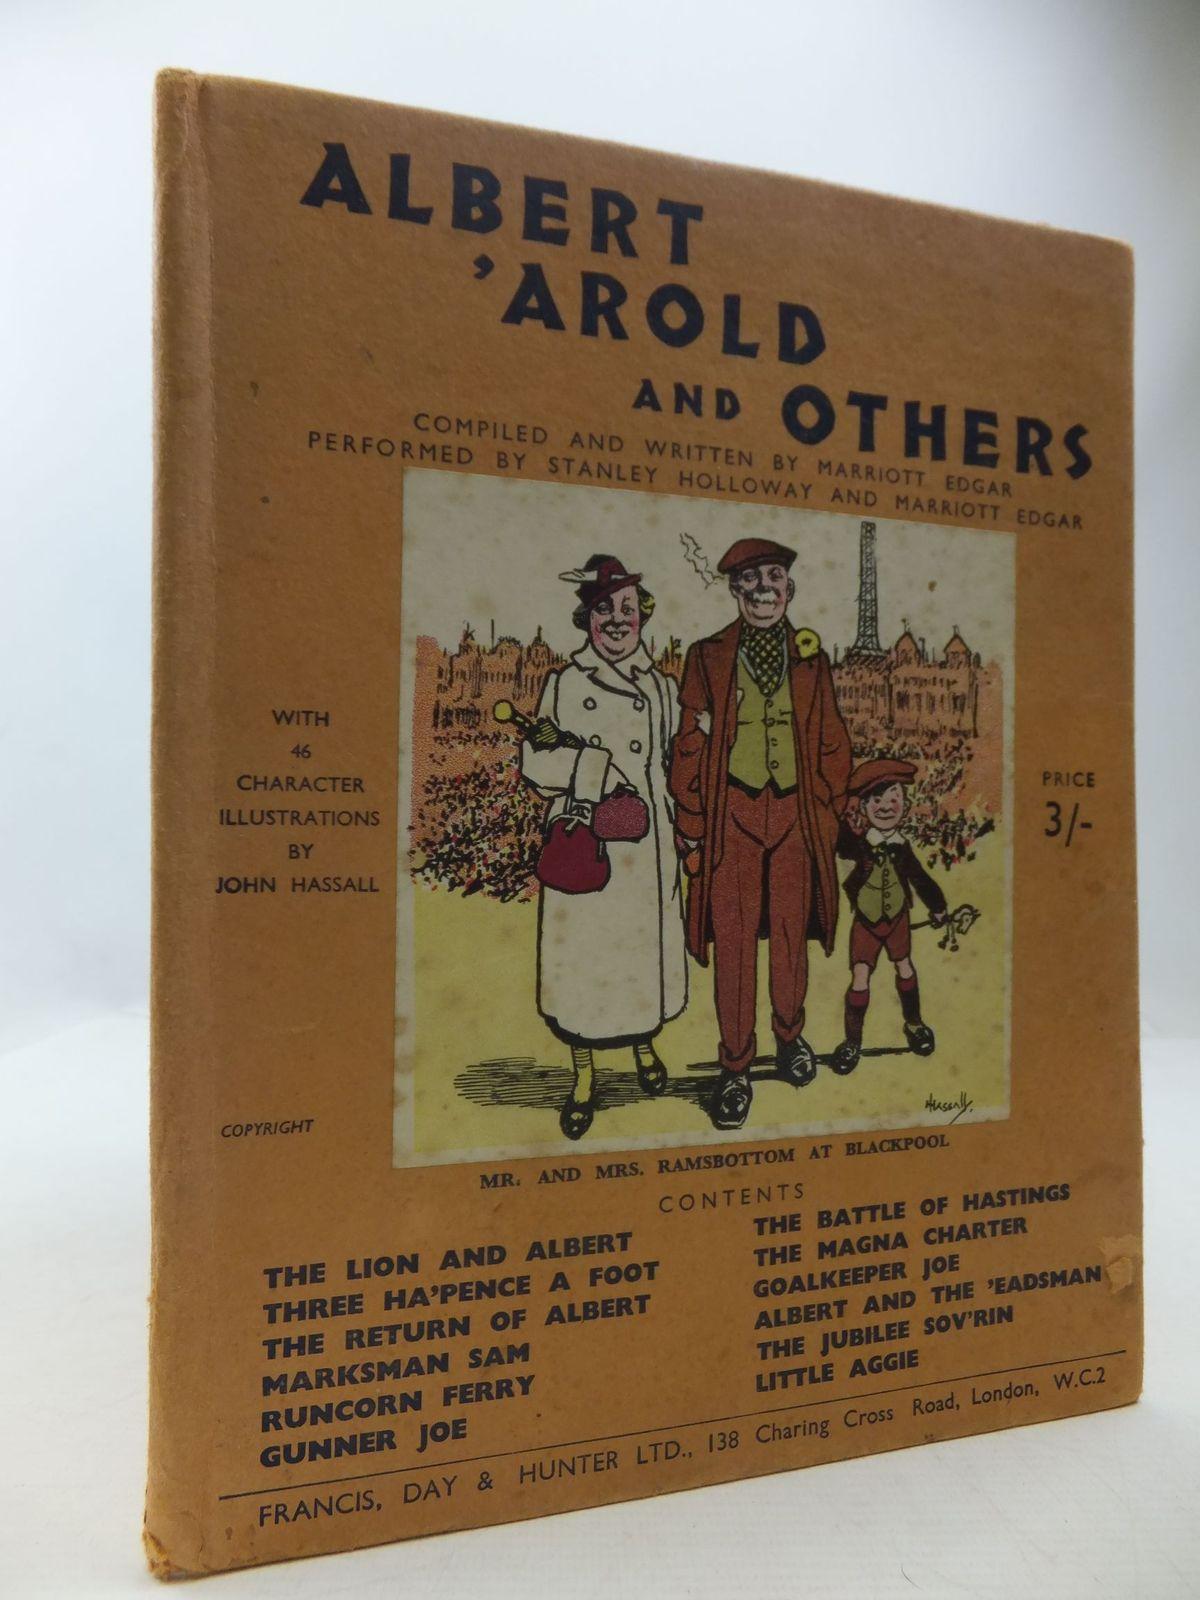 Albert, Arold, and Others, Edgar, Marriott